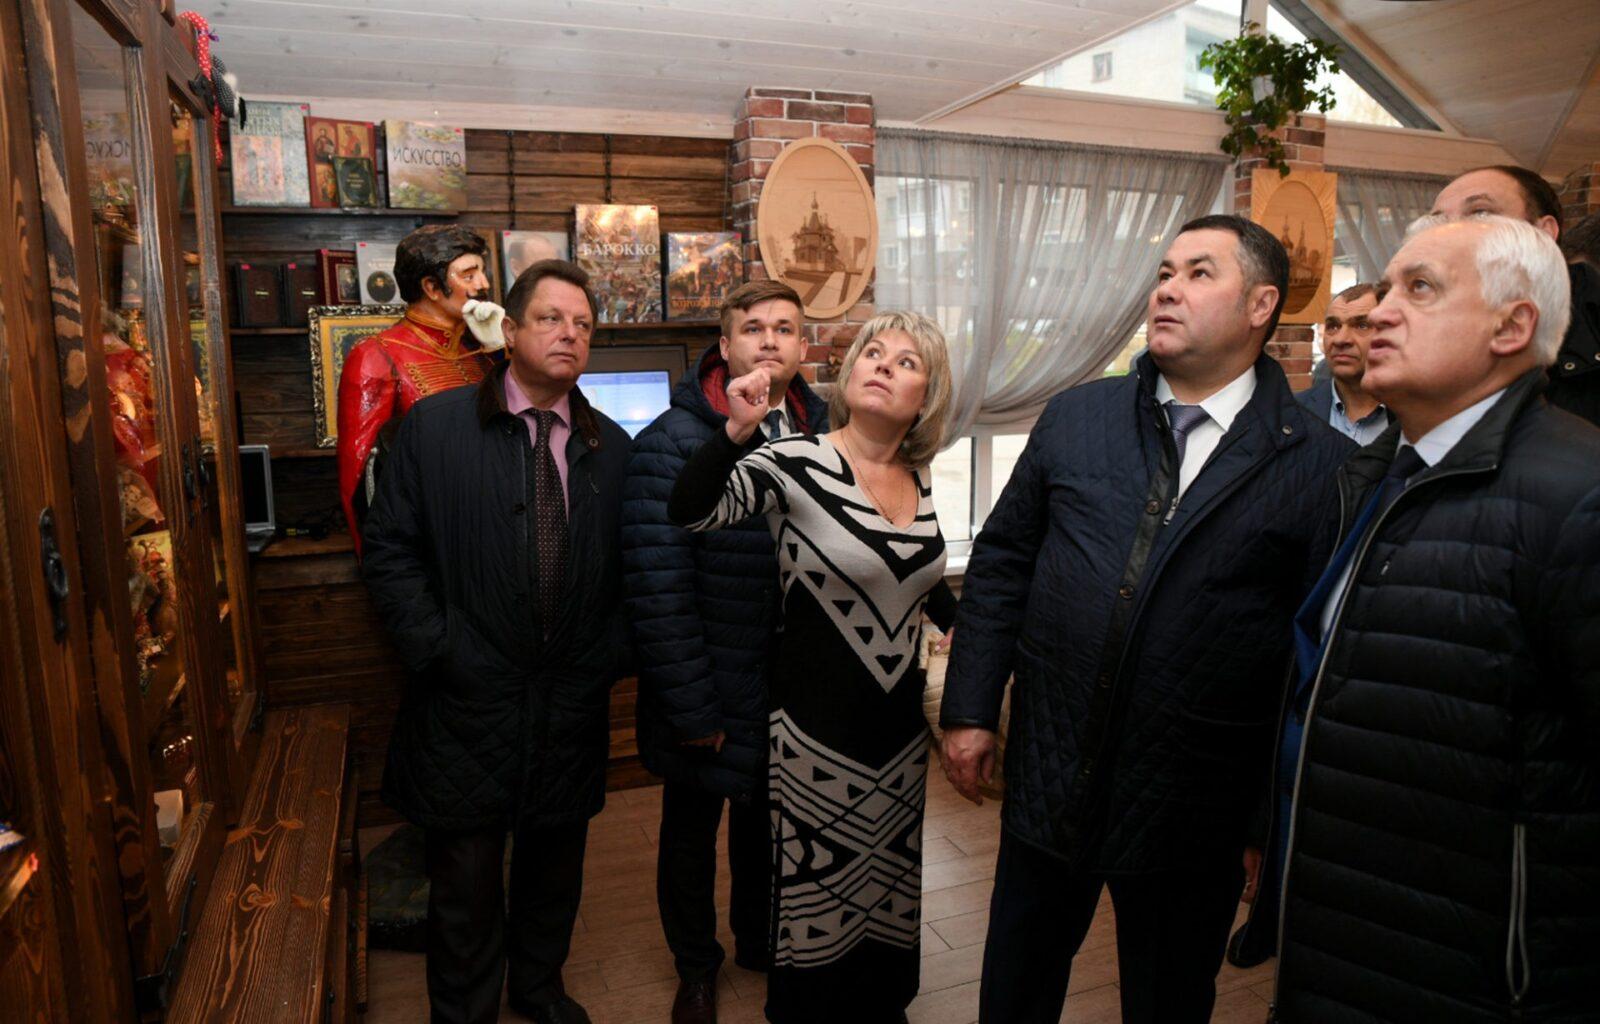 Игорь Руденя: Место размещения нового МФЦ в Ржеве должно быть удобным для горожан